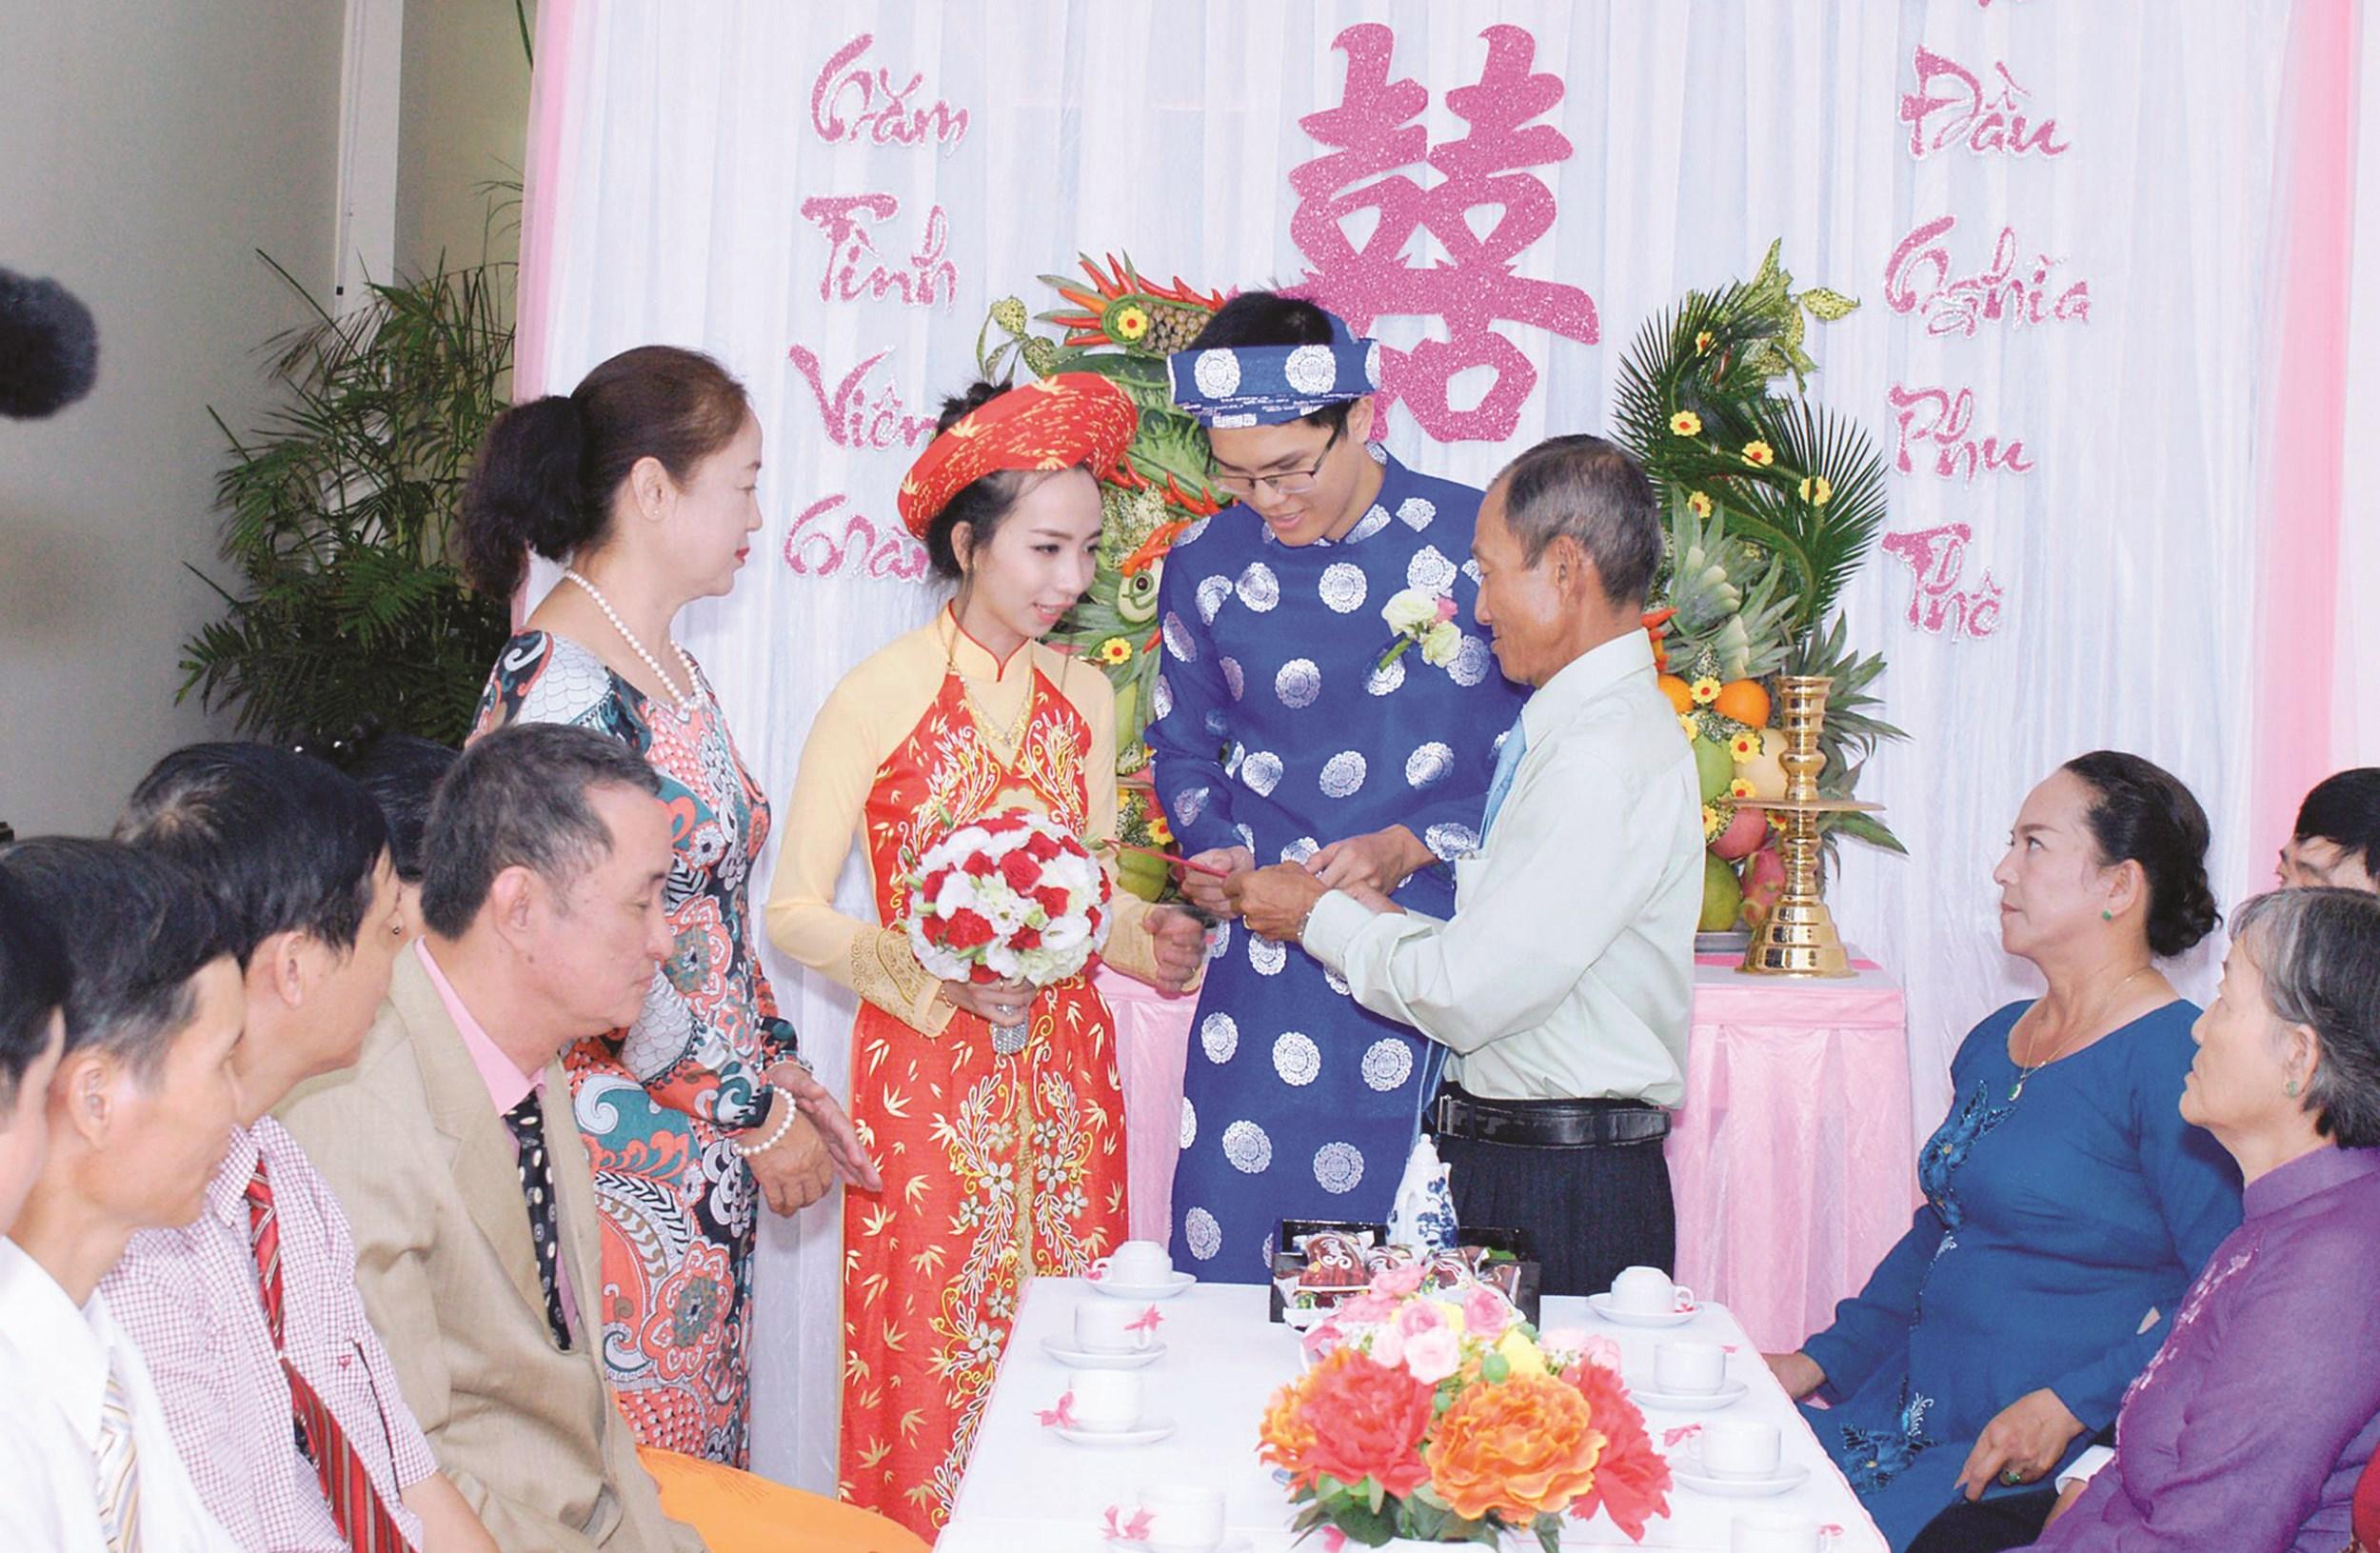 Việc thực hiện nếp sống văn hóa mới trong đám cưới giúp tiết kiệm thời gian, chi phí cho người dân